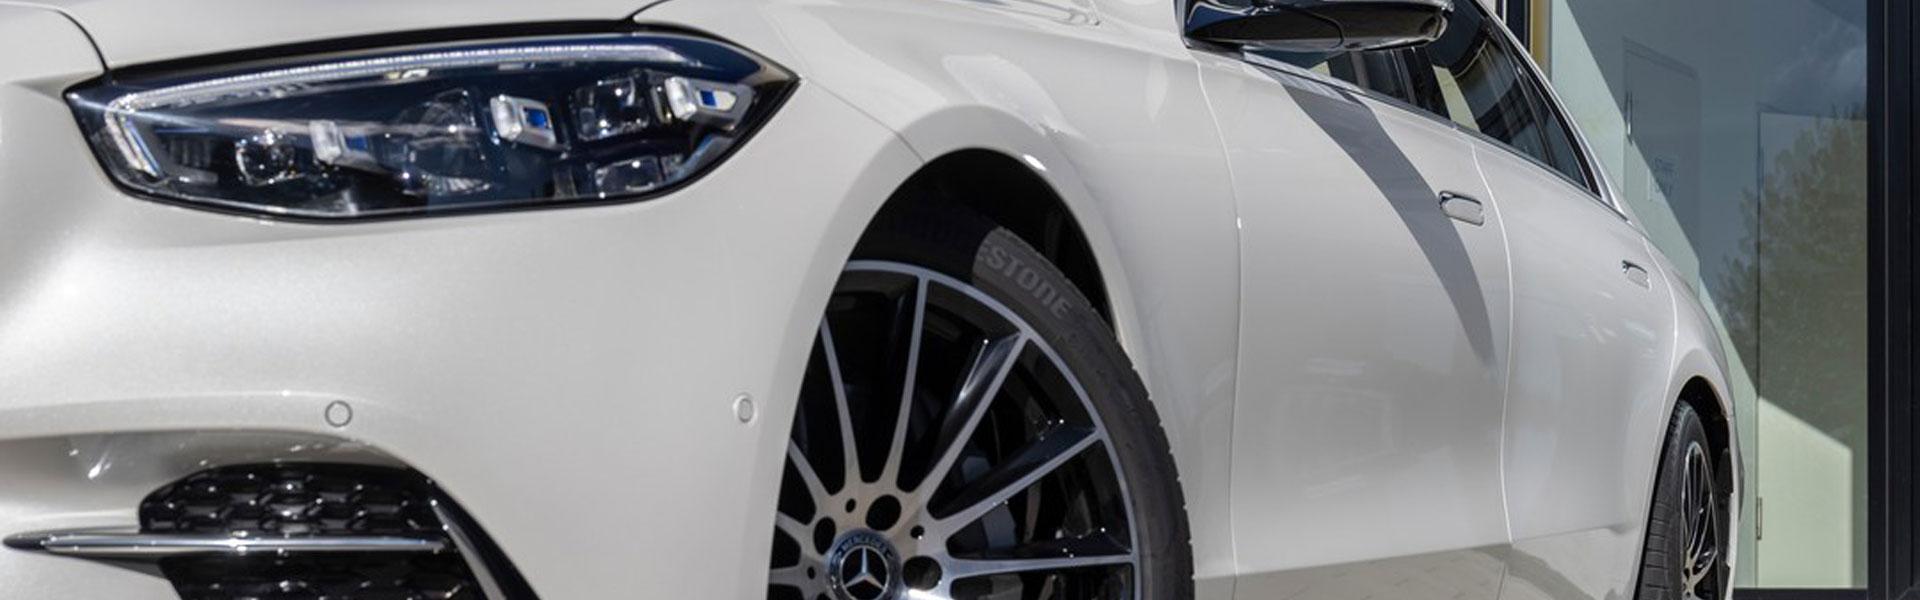 Vermietung-bei-Mercedes-Brinkmann